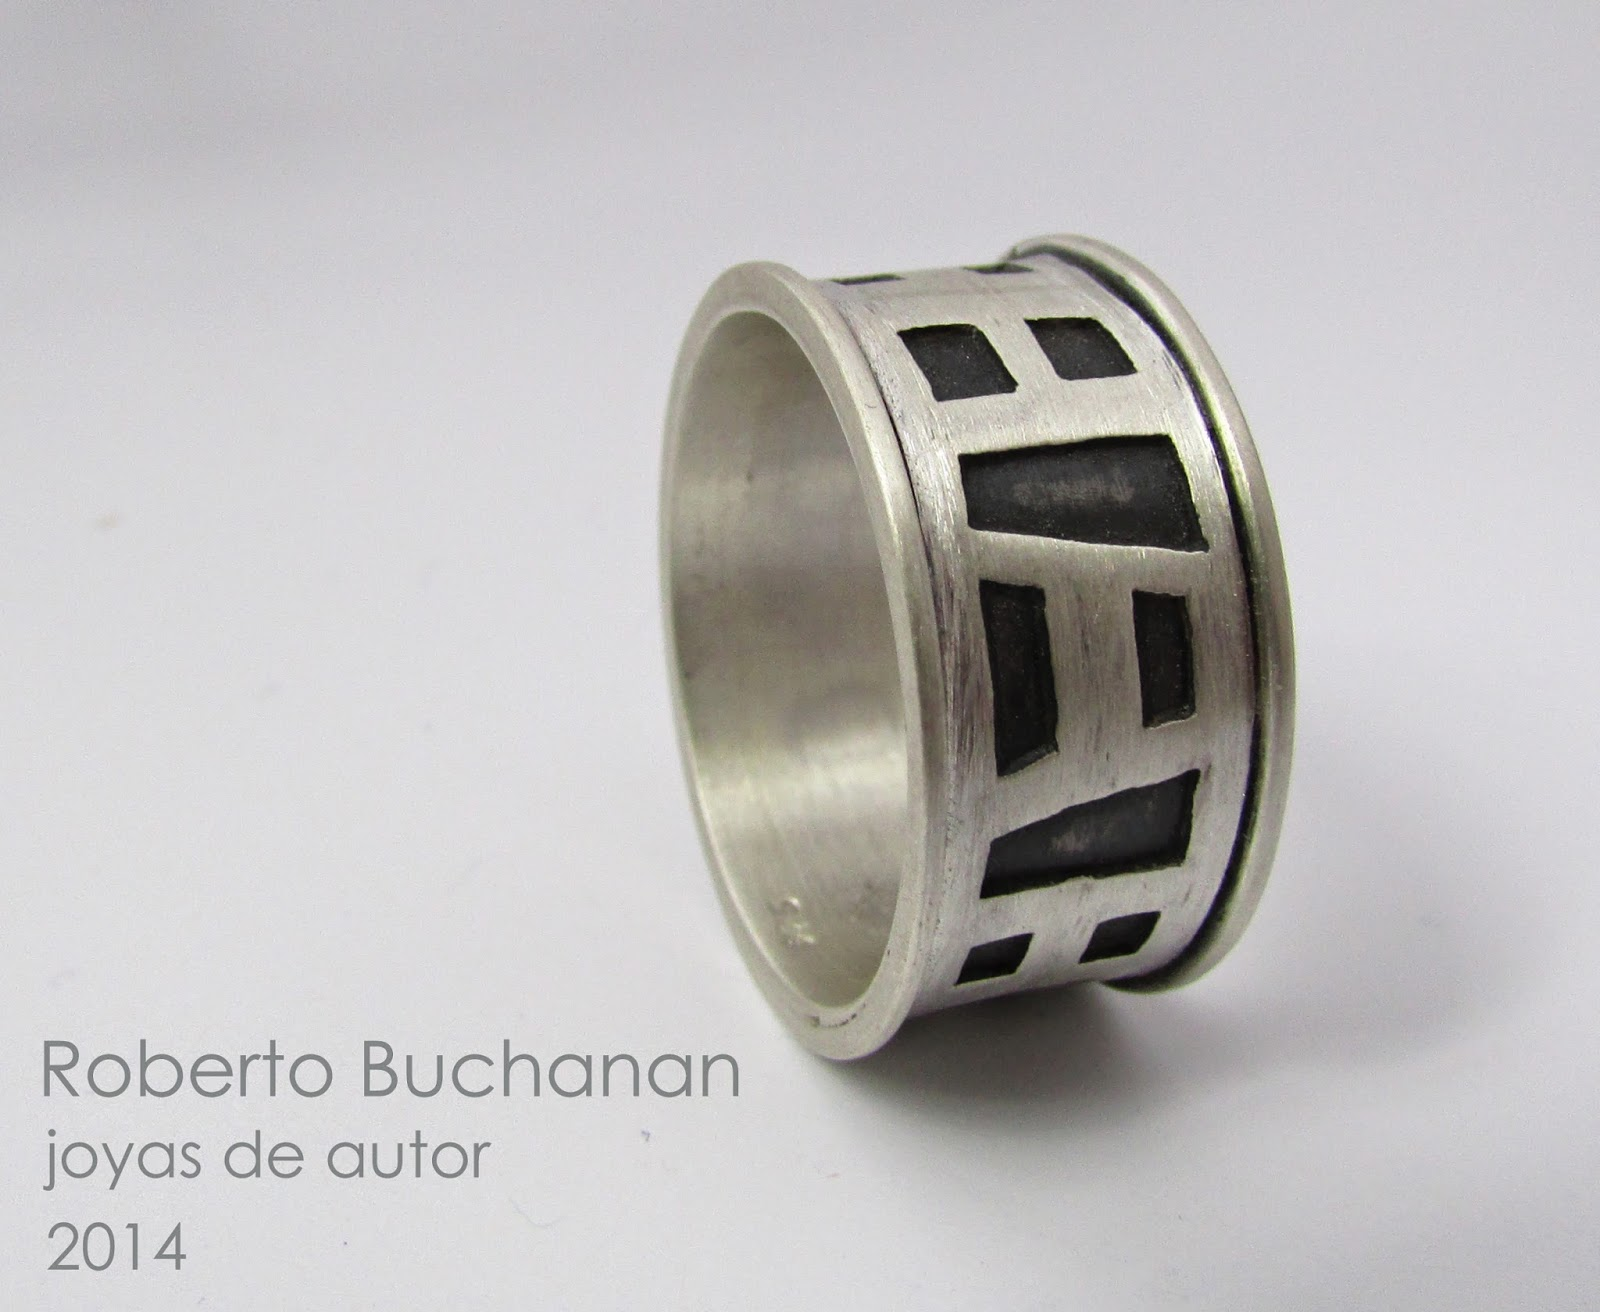 imagenes de anillos de hombres - Imagenes De Anillos | MIL ANUNCIOS Anillo hombre Joyas anillo hombre